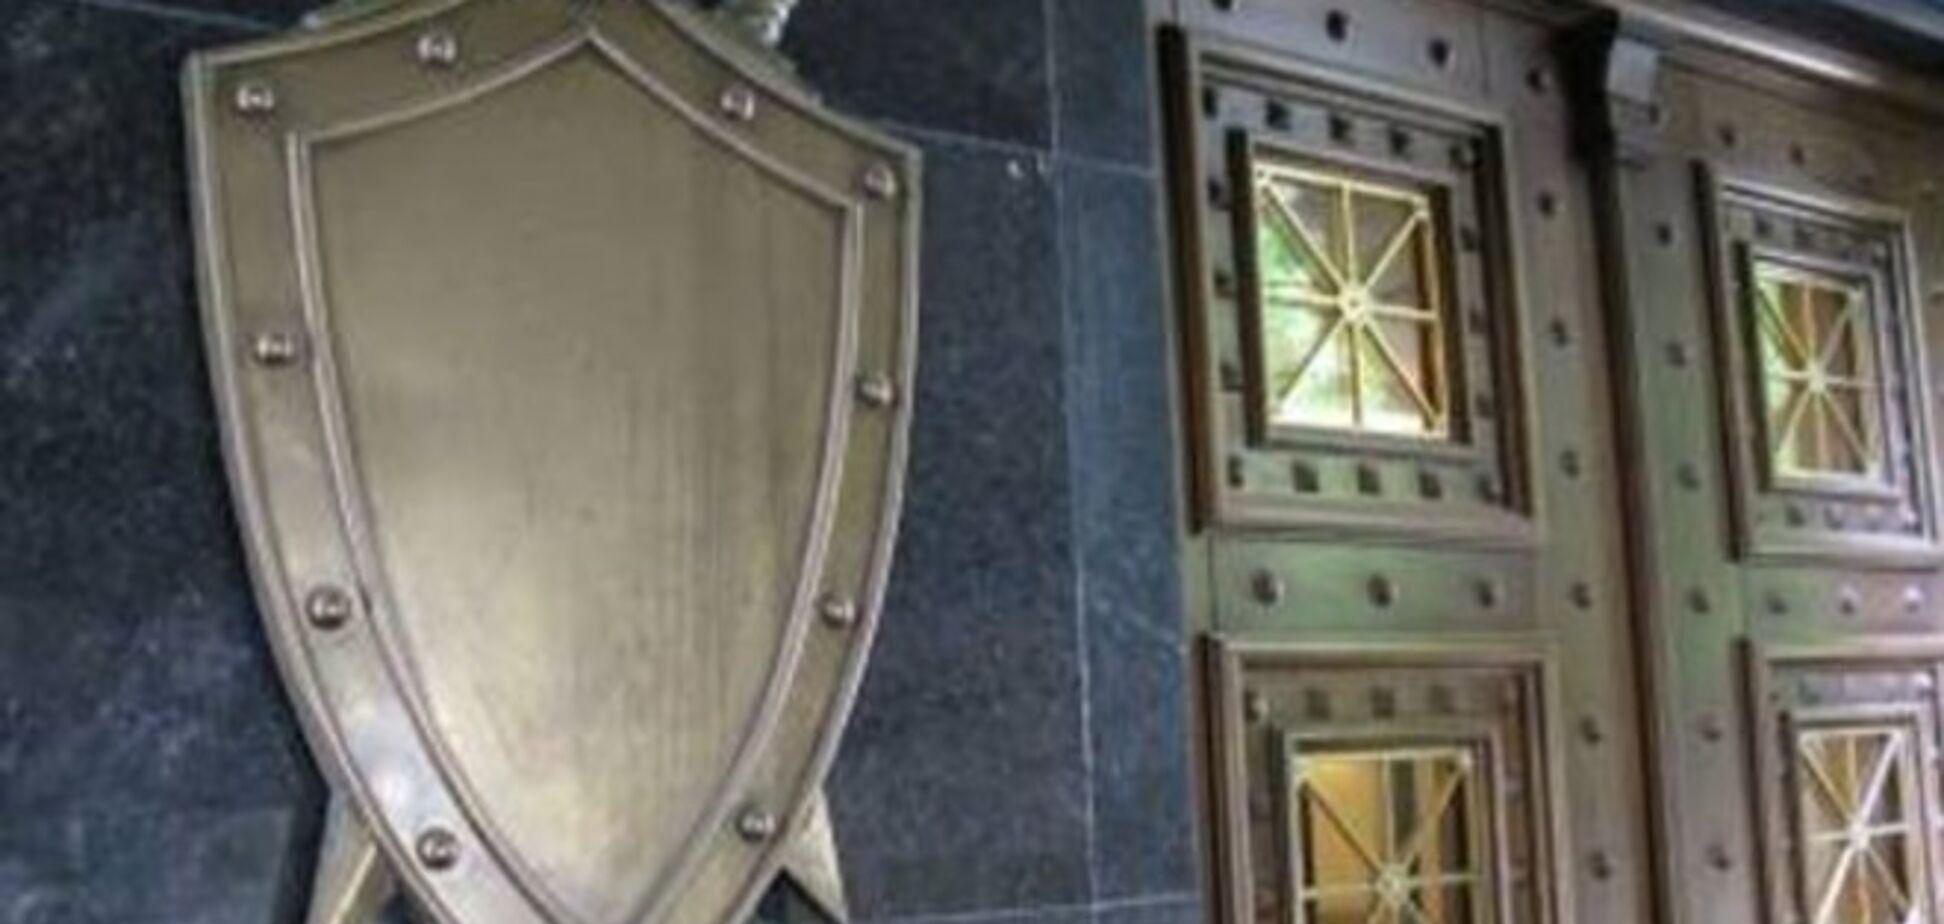 ГПУ расследует более 270 уголовных дел по событиям Евромайдана